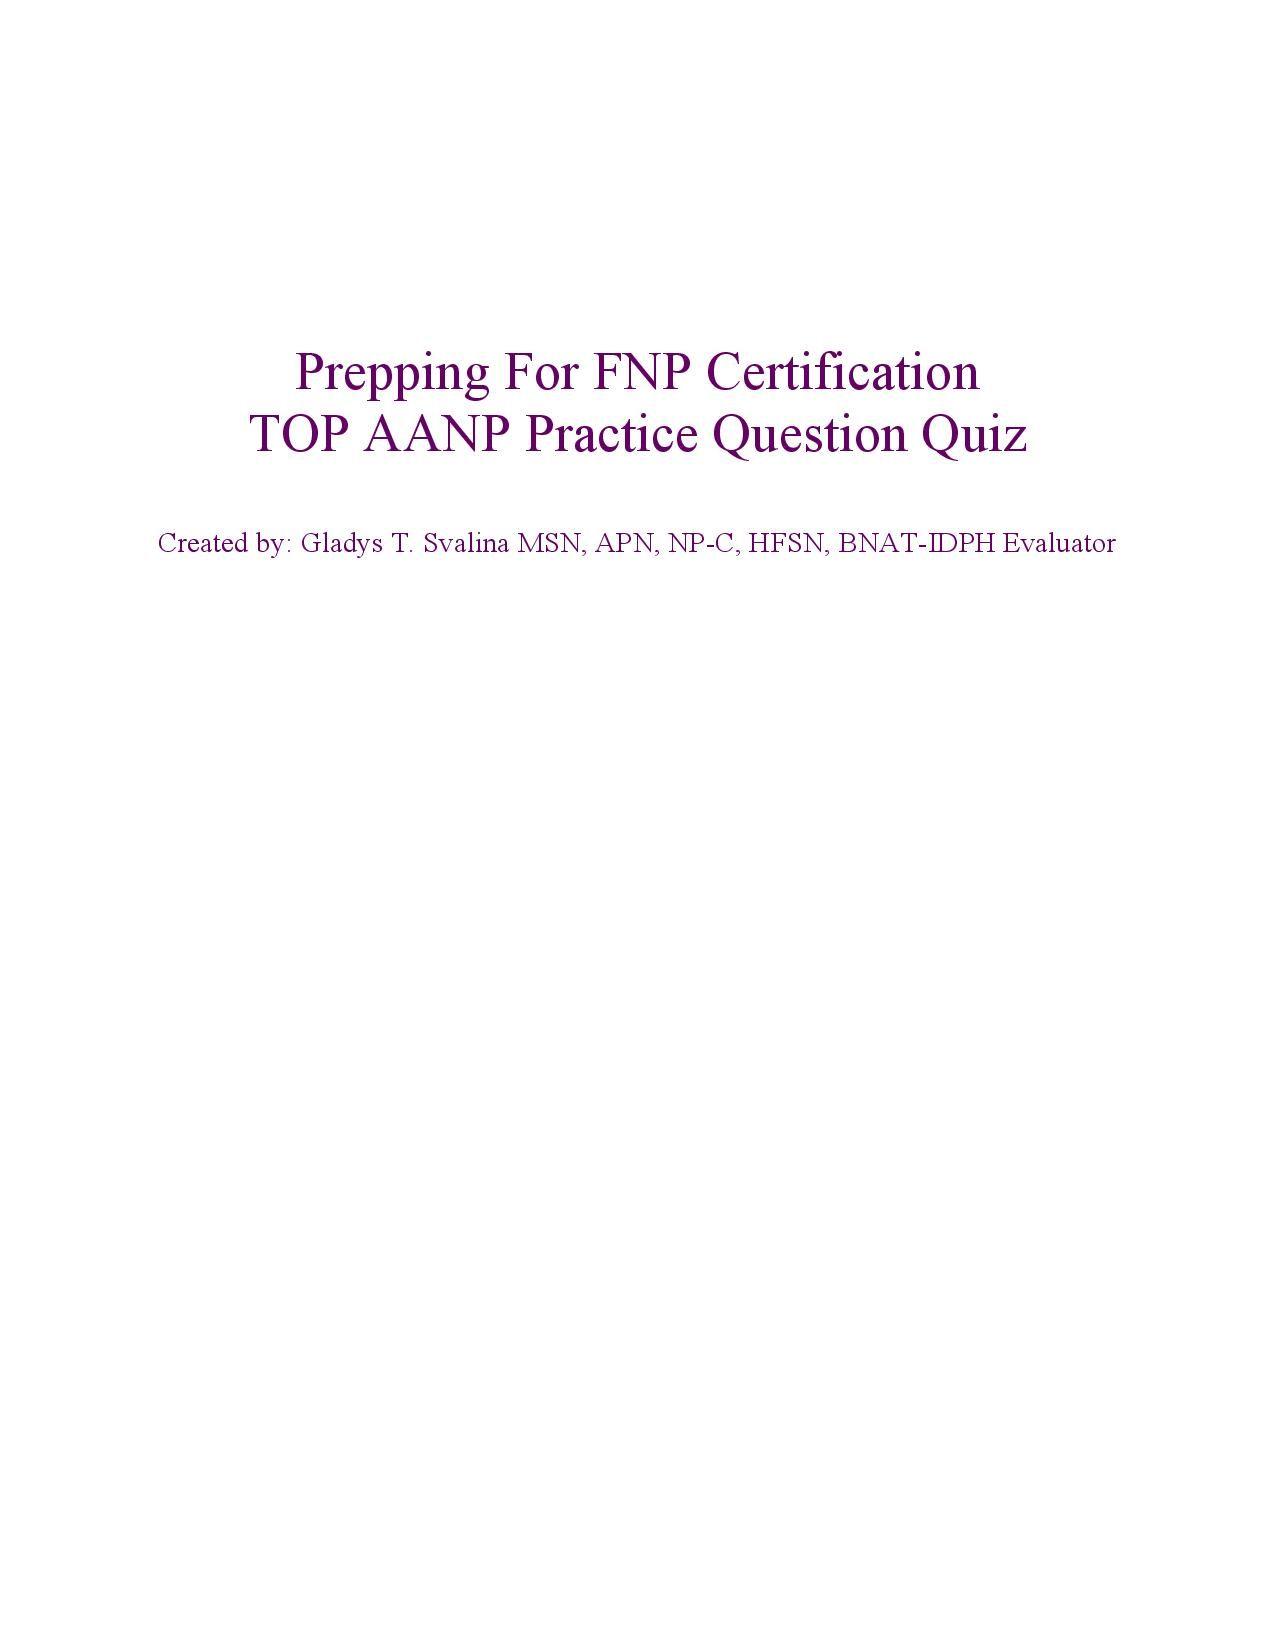 Top Aanp Practice Question Exam Httpwww